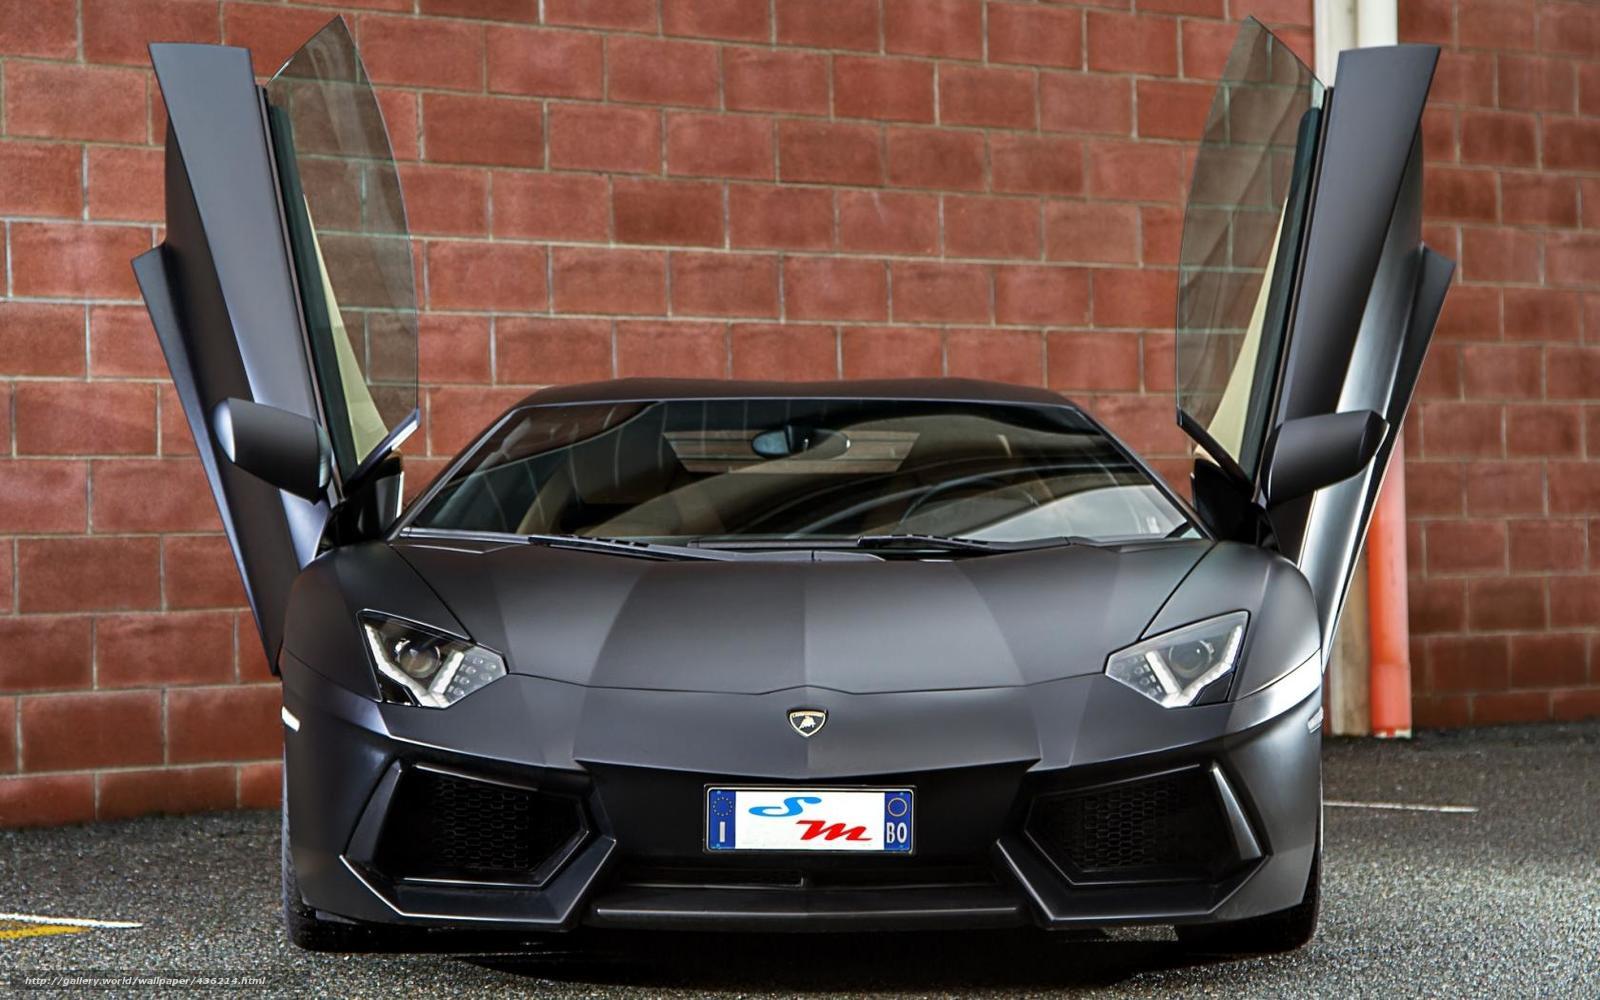 Download Wallpaper Lamborghini Aventador Matt Black Front Free